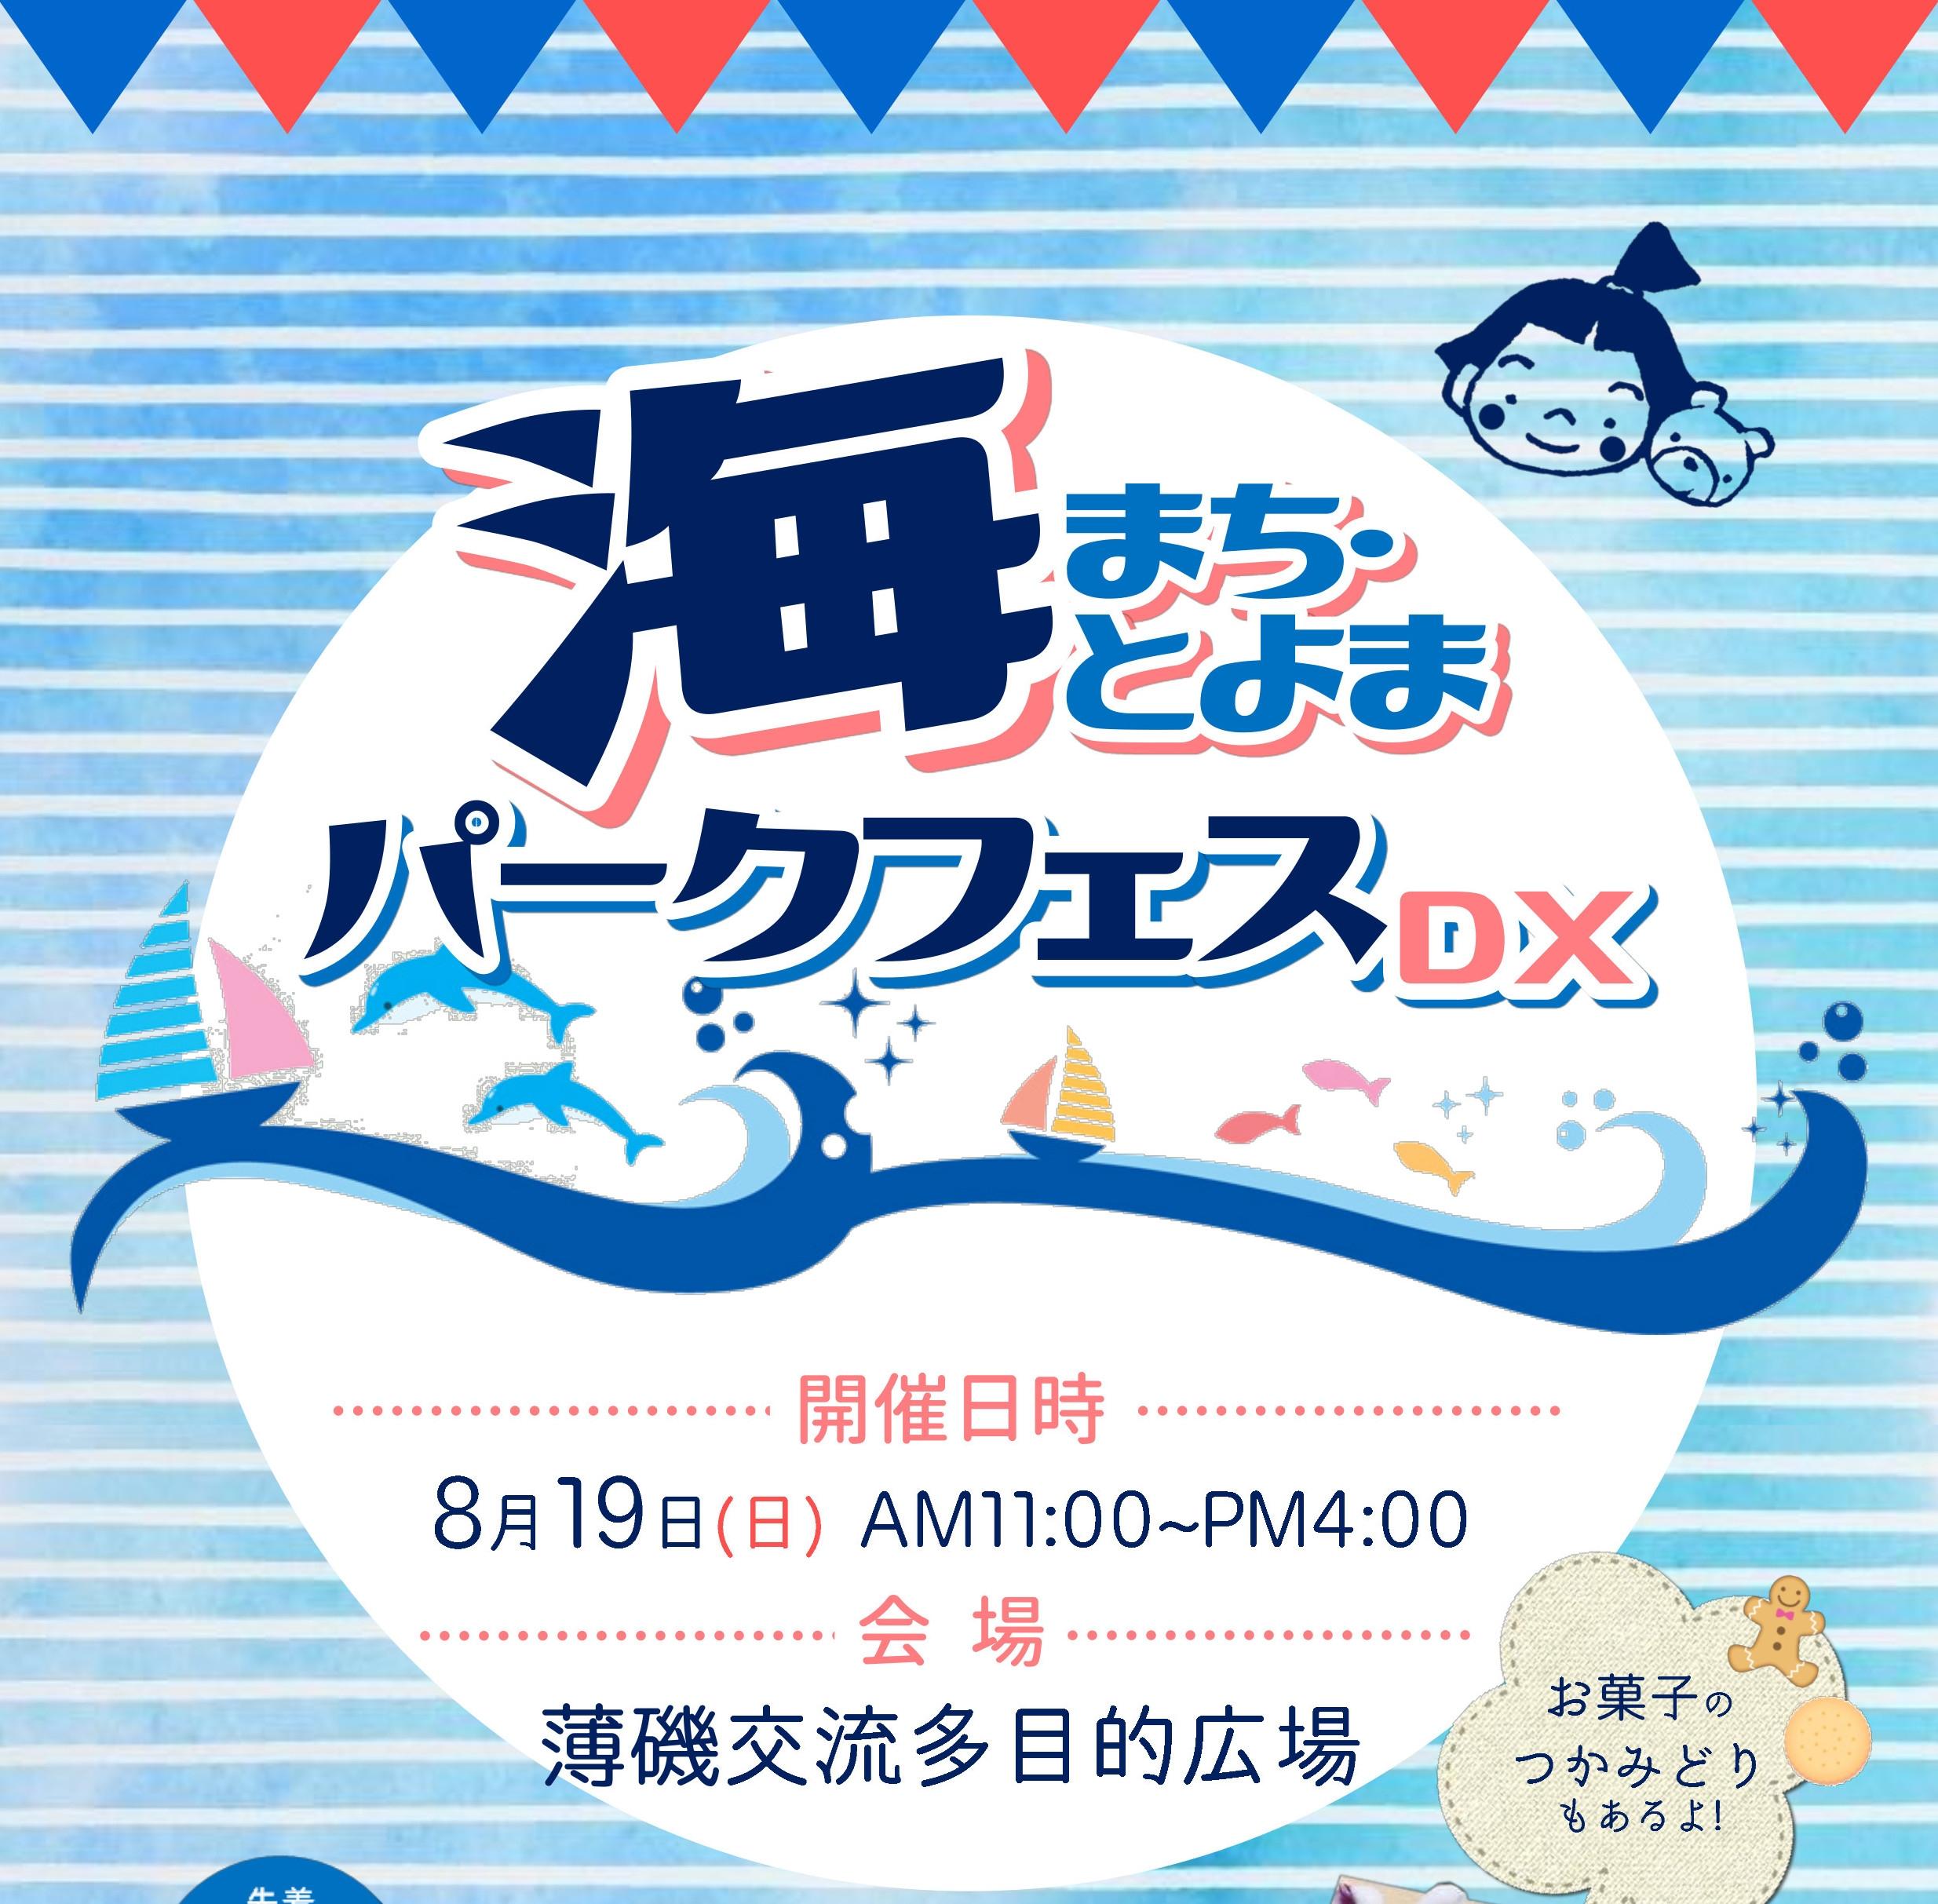 8月19日(日) 海まち・とよまパークフェスDX!! 出店のお知らせ